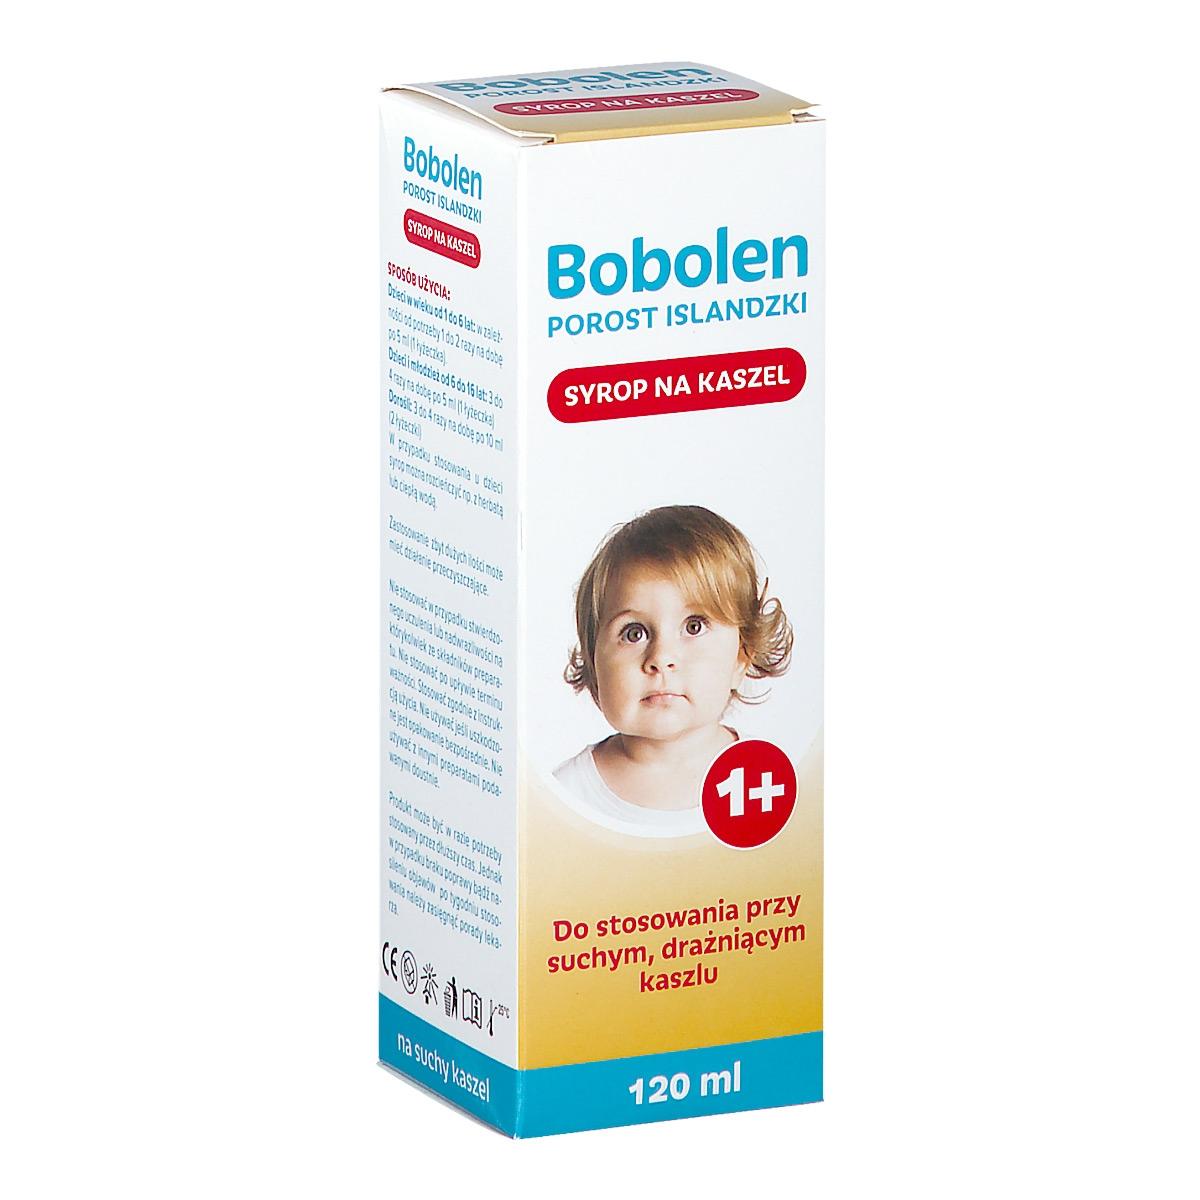 Image of Bobolen porost islandzki